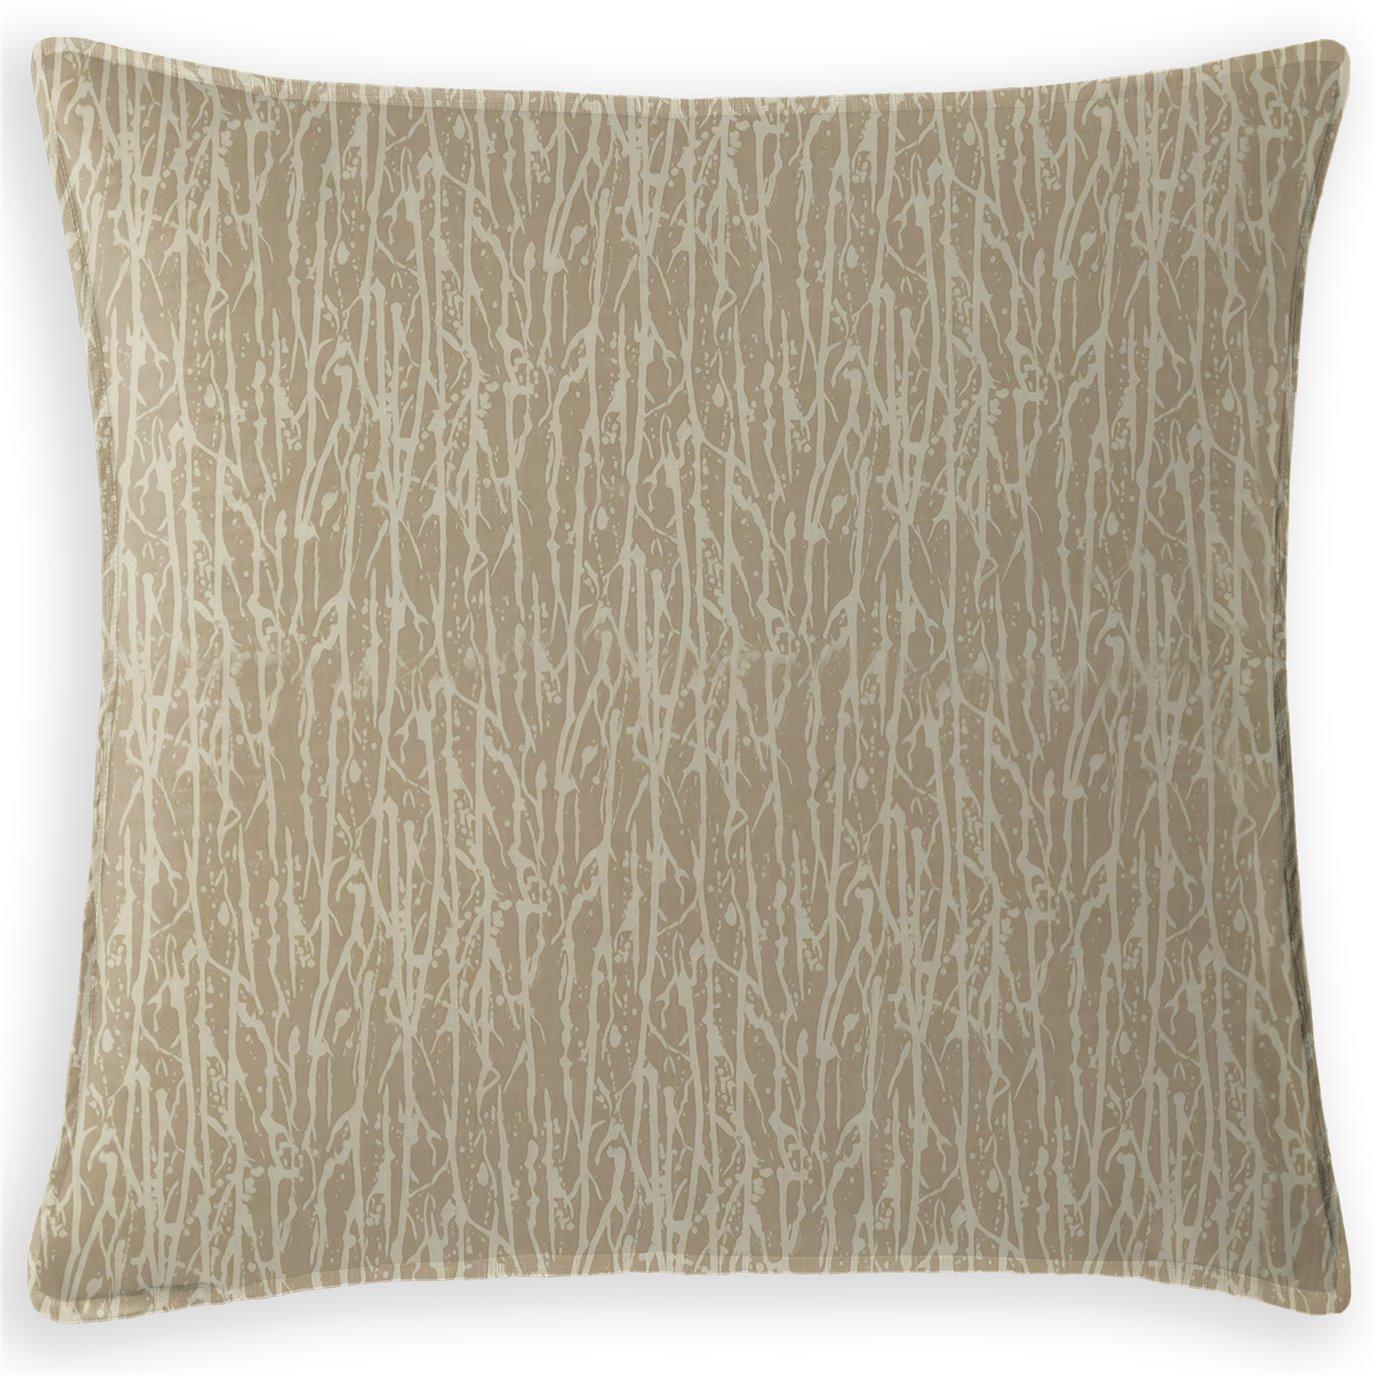 Willowbrook Coordinate Pillow Sham - Euro